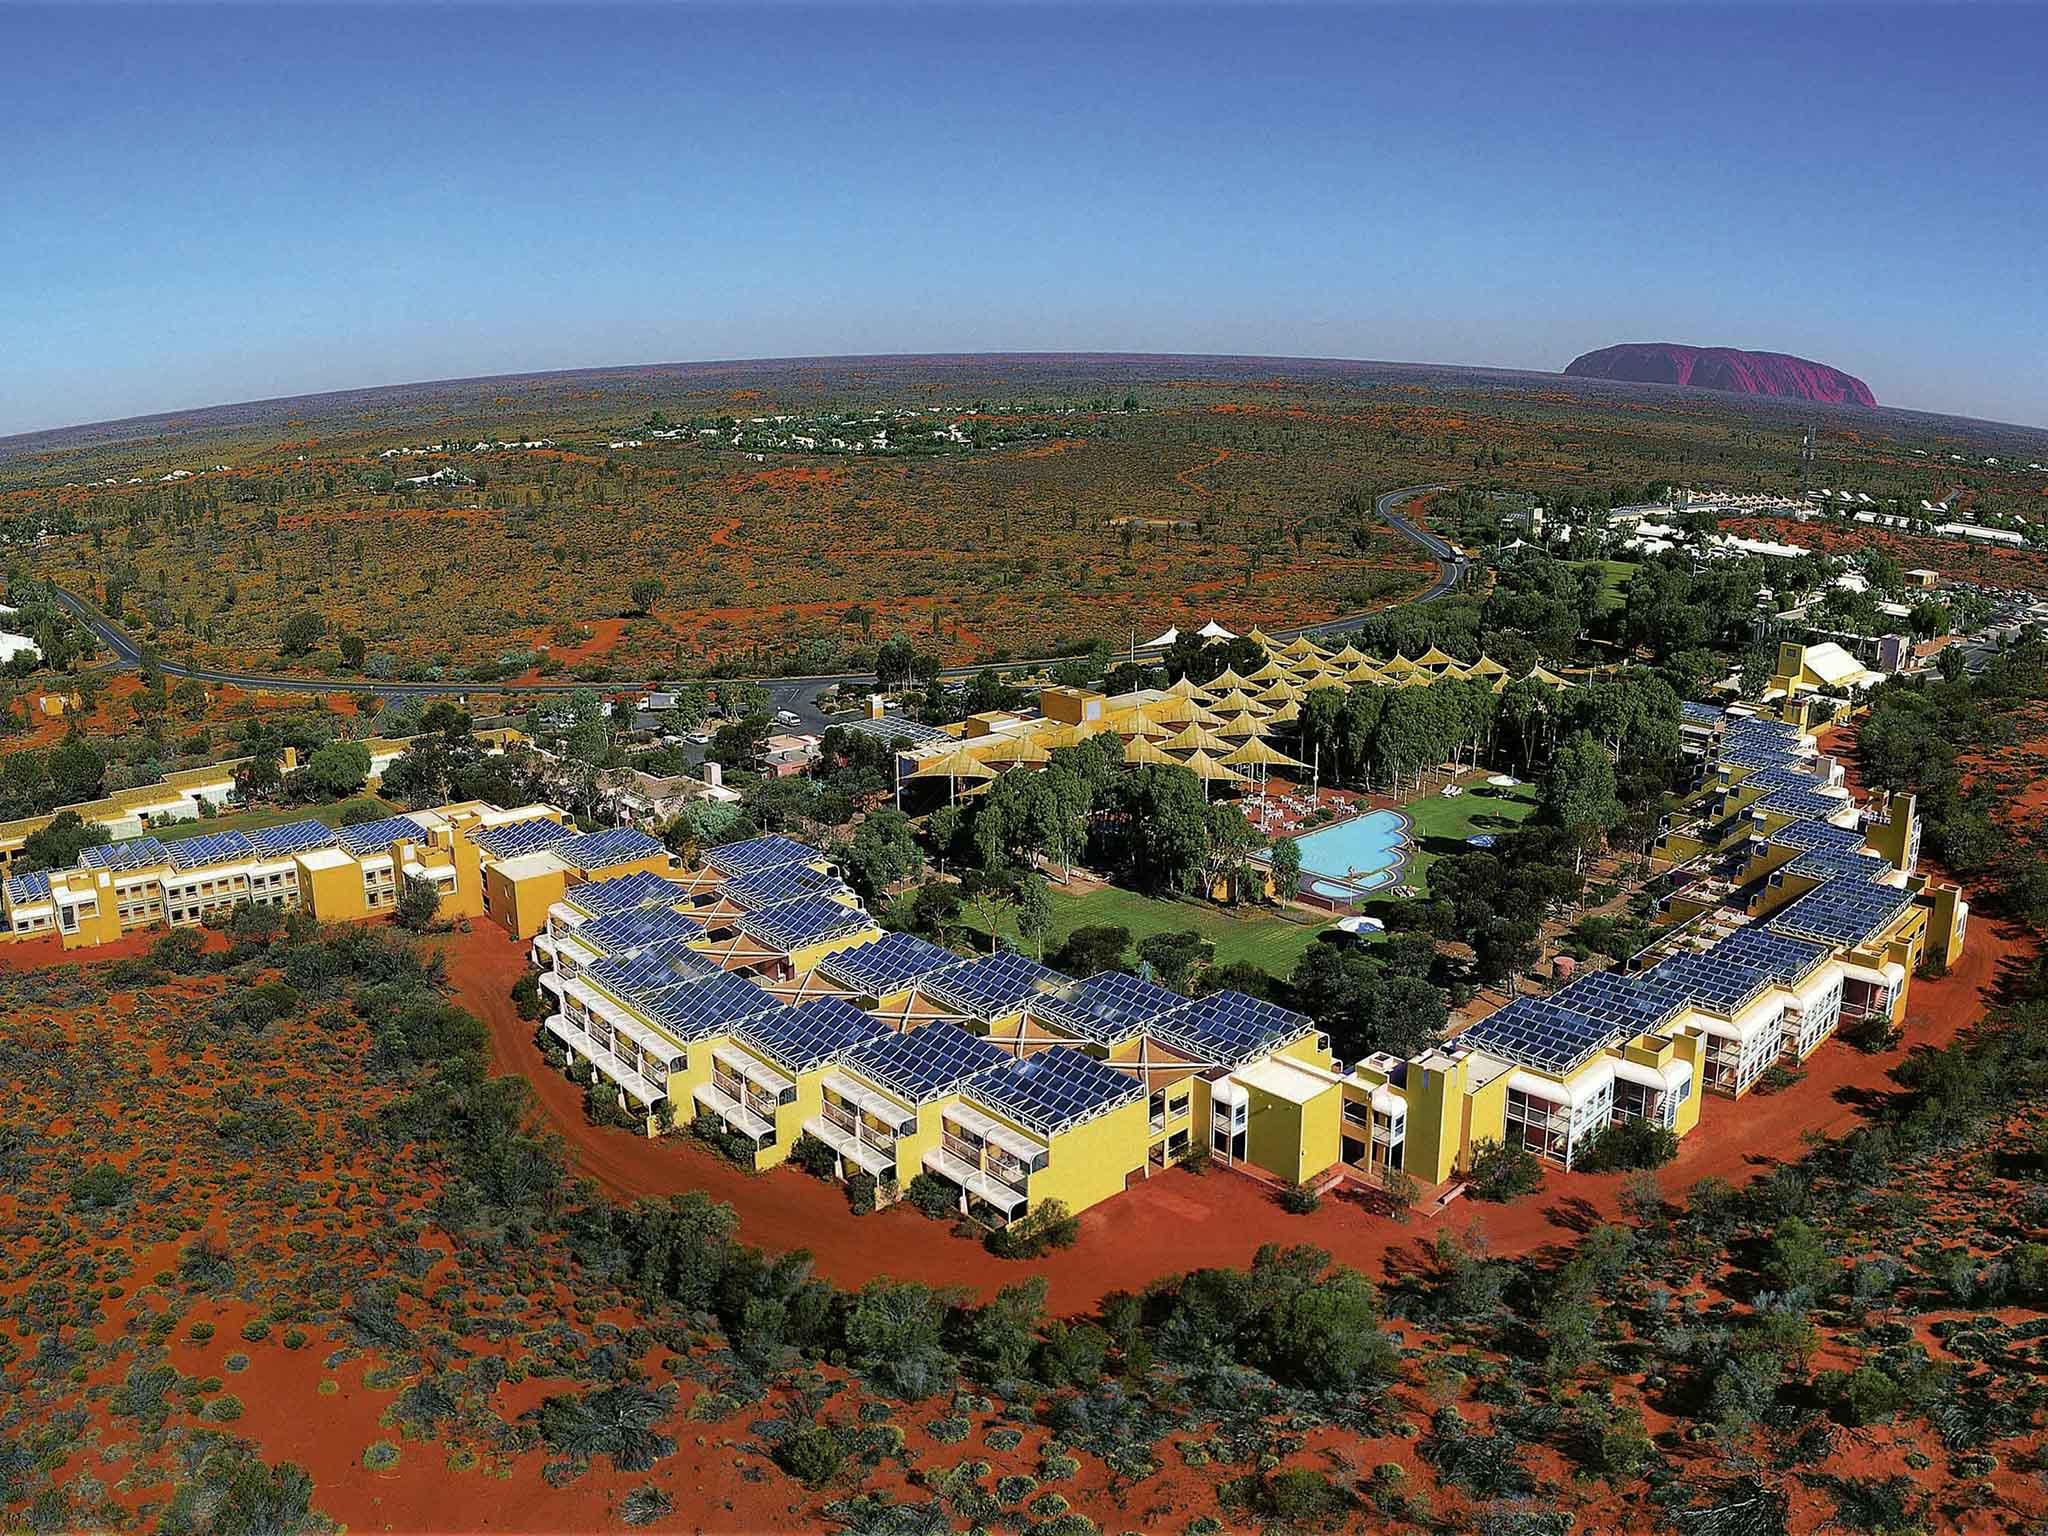 Hotel – Desert Gardens - A member of Novotel Hotels